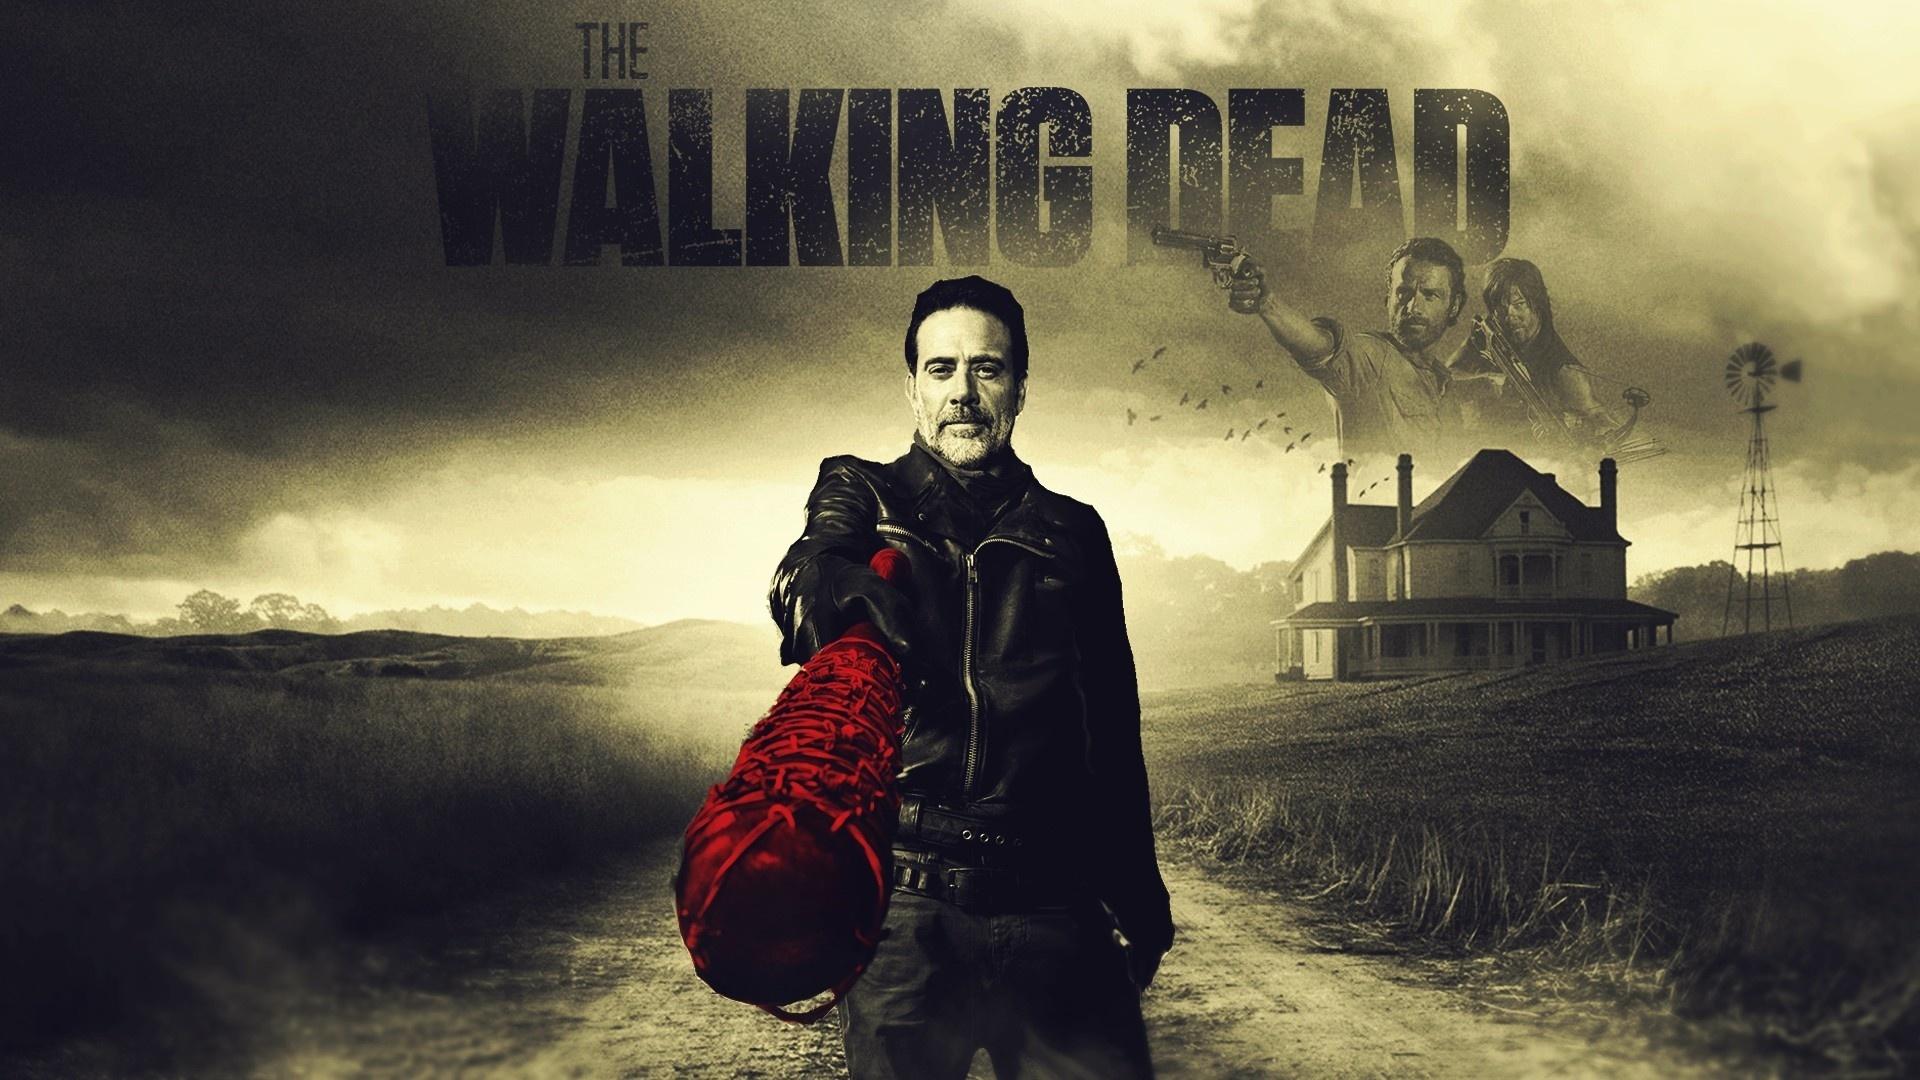 The Walking Dead desktop wallpaper free download